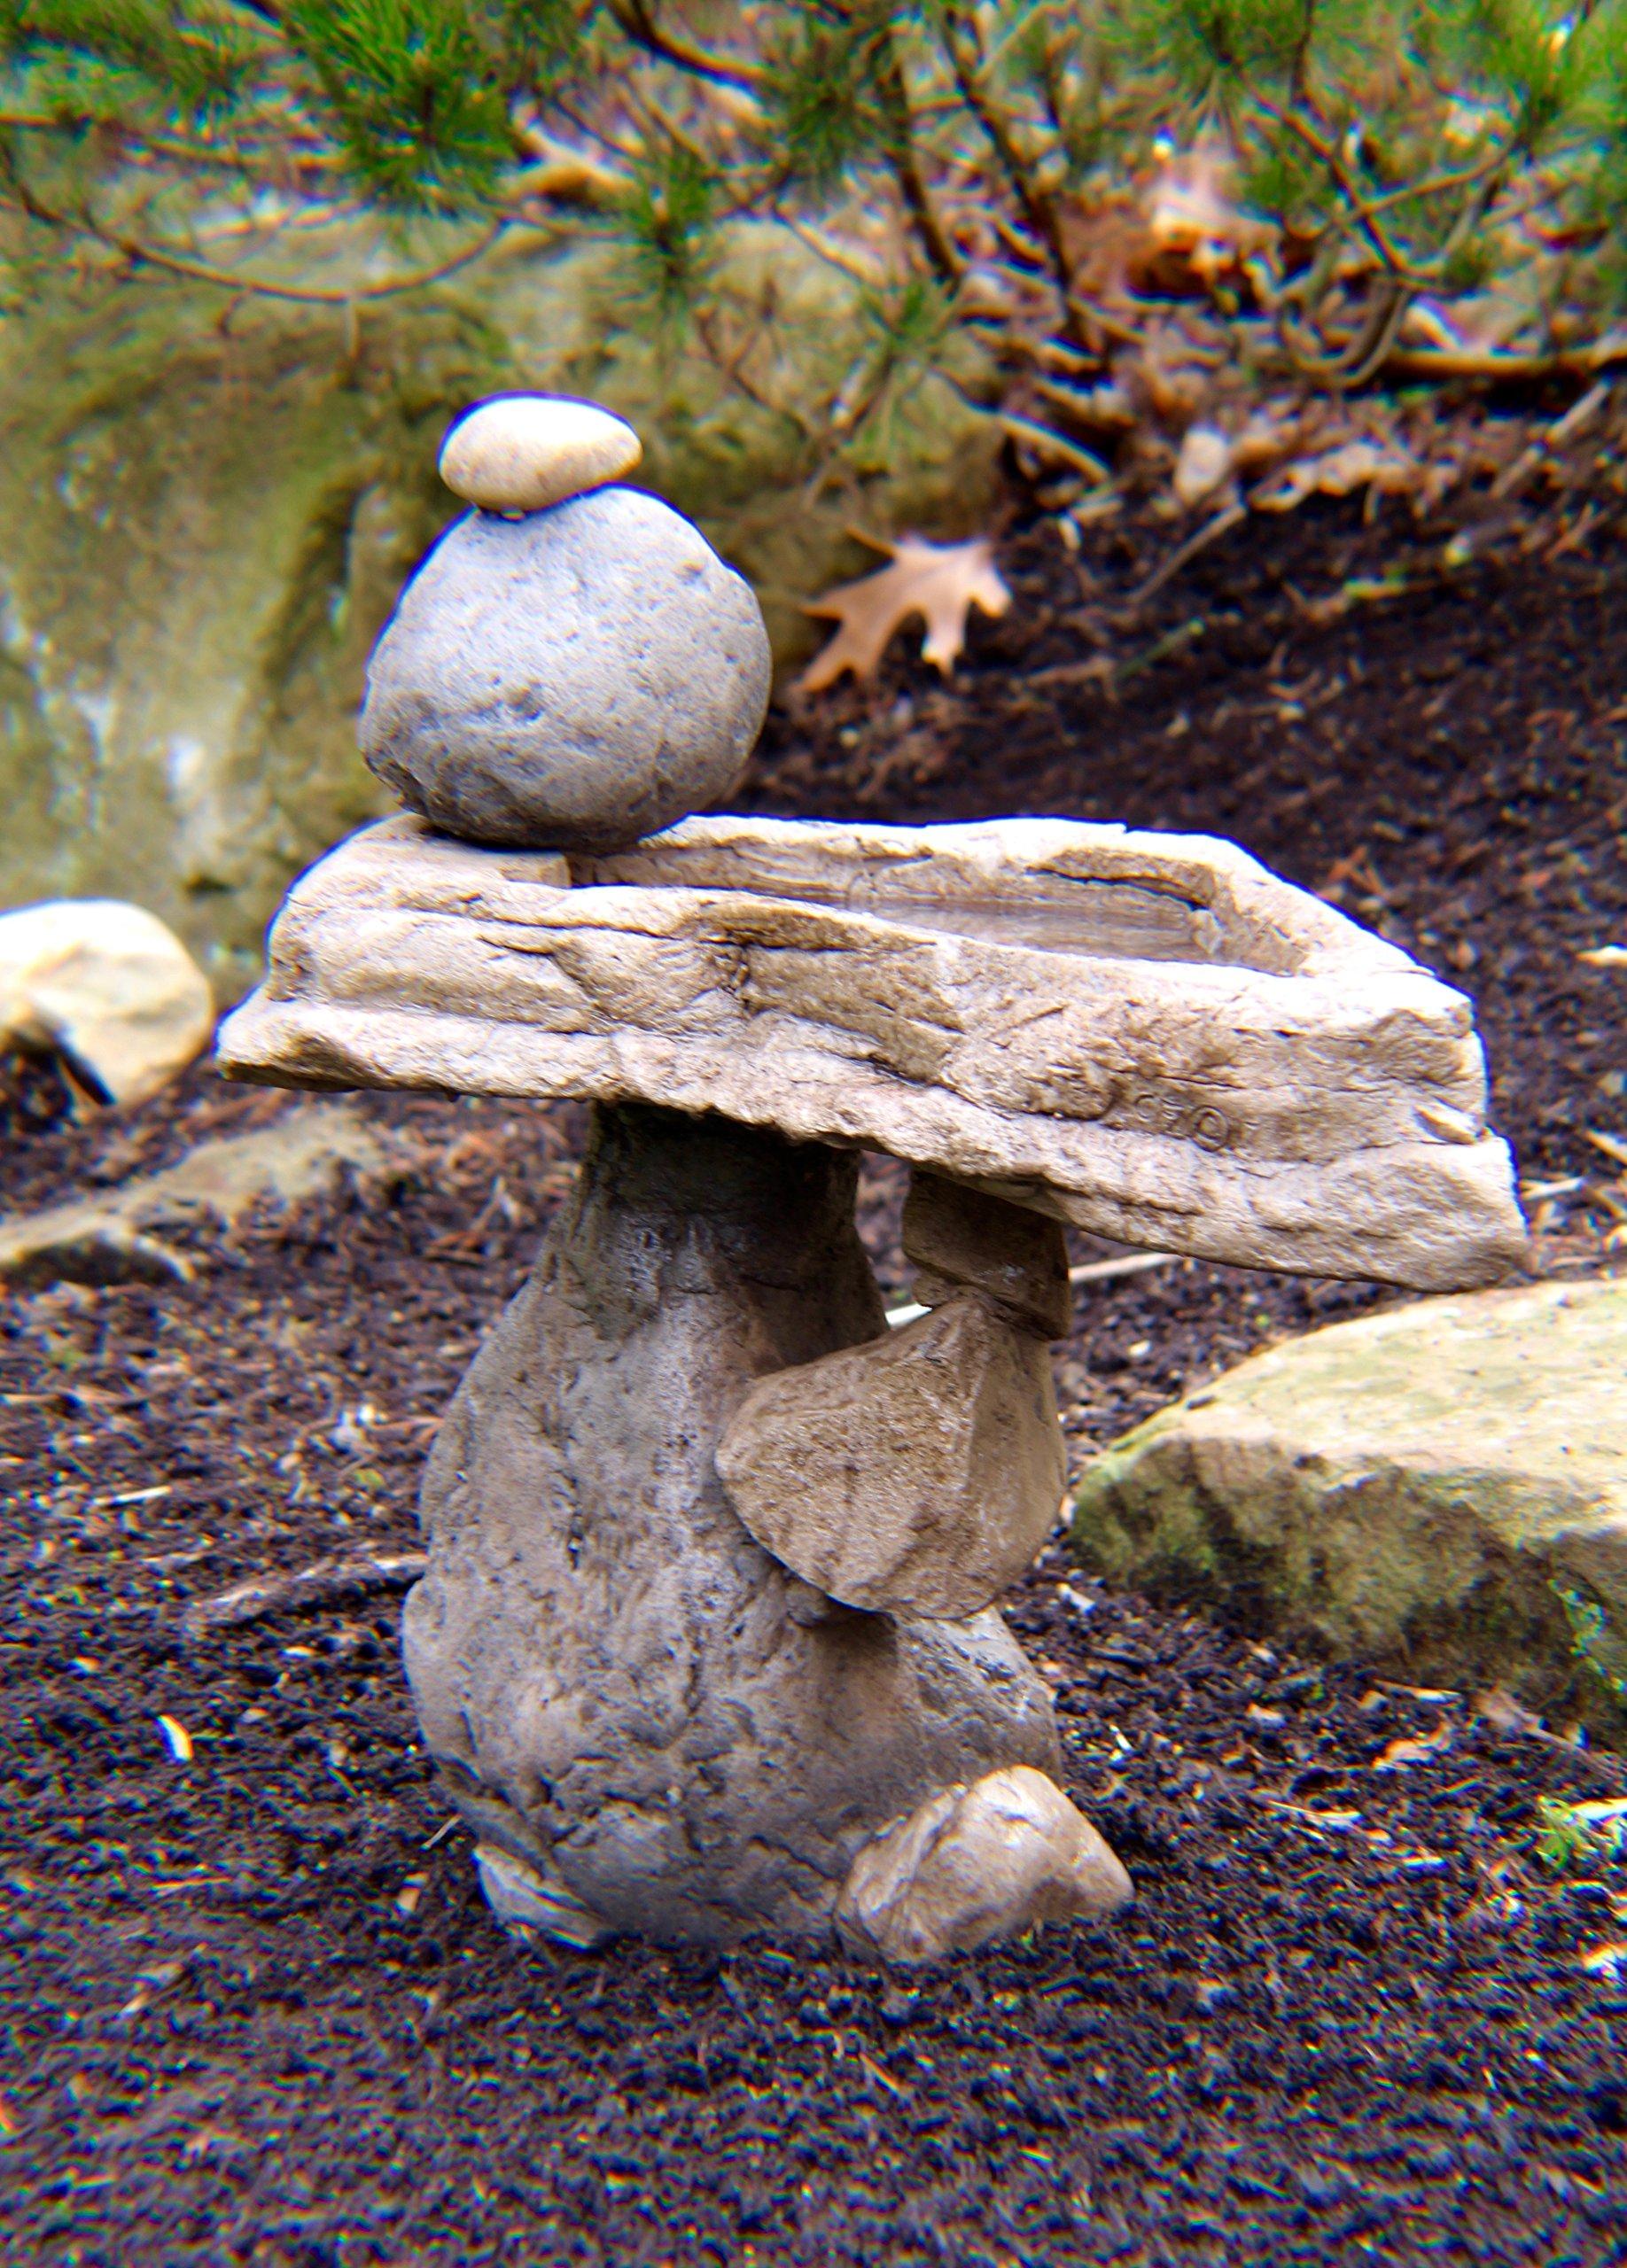 Balancing Rock Birdbath Sculpture Home & Garden Decor Water Feature